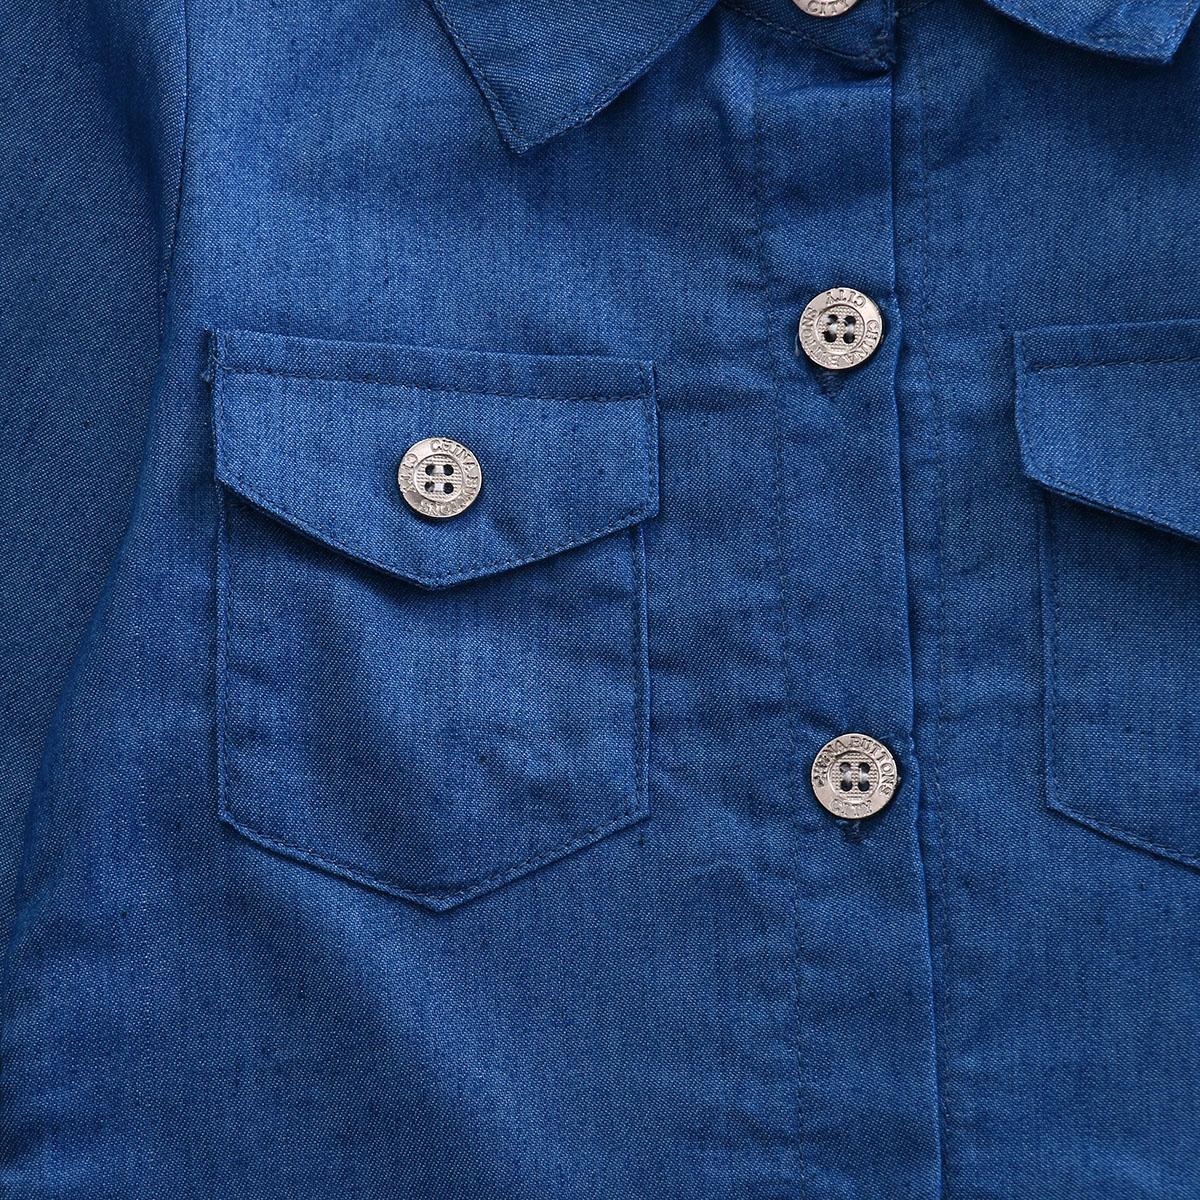 0-5a enfant nouveau enfants bébé filles infantile à manches longues denim tops shirt + tutu jupes dress + bandeau 3 pcs jeans tenues vêtements set 7